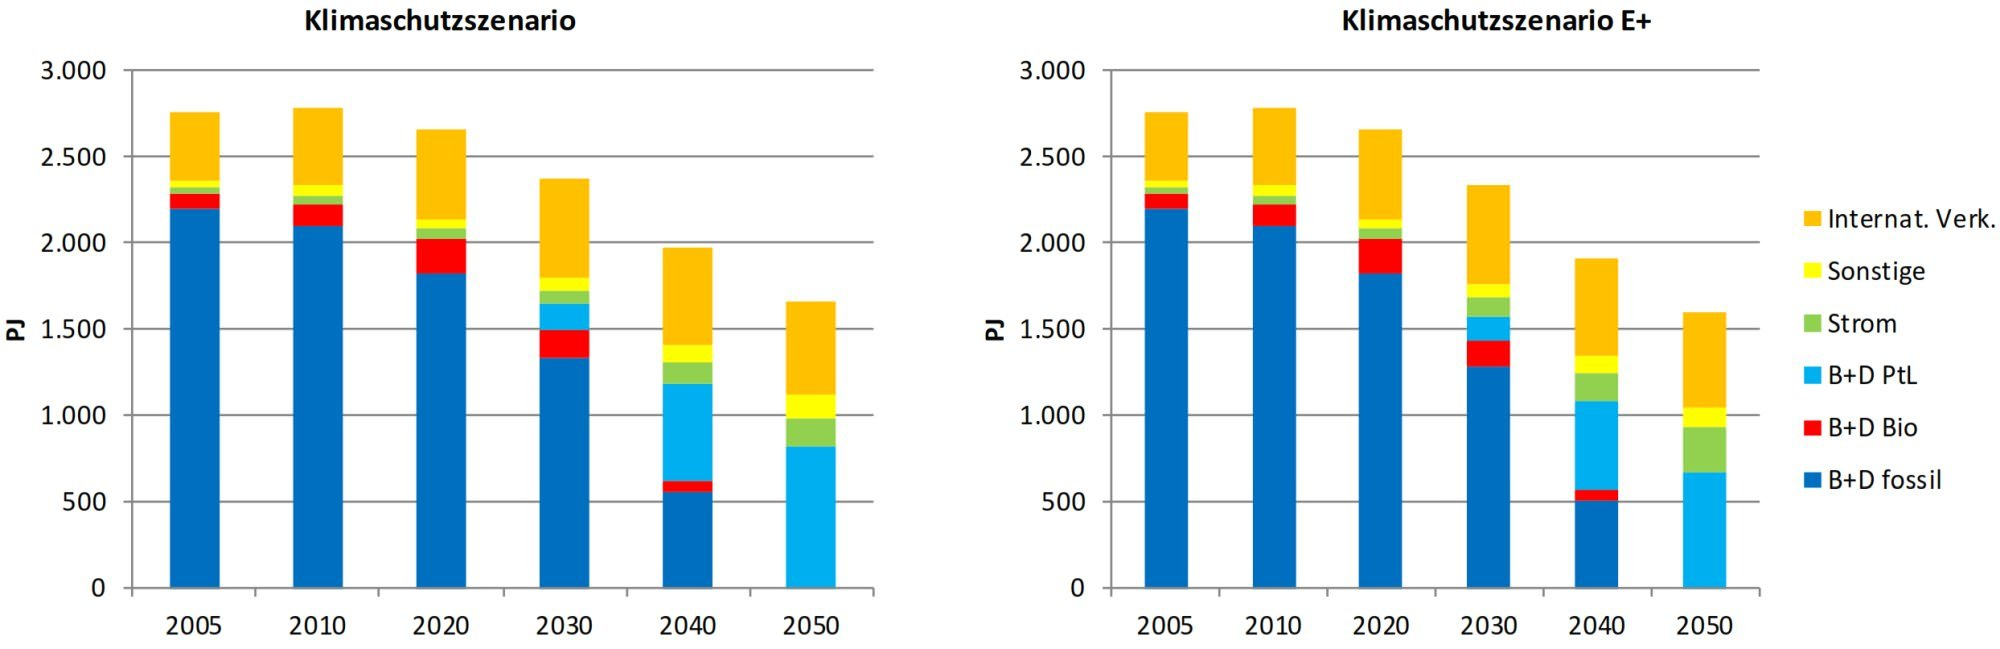 Endenergieverbrauch Gesamtverkehr Klimaschutz bis 2050